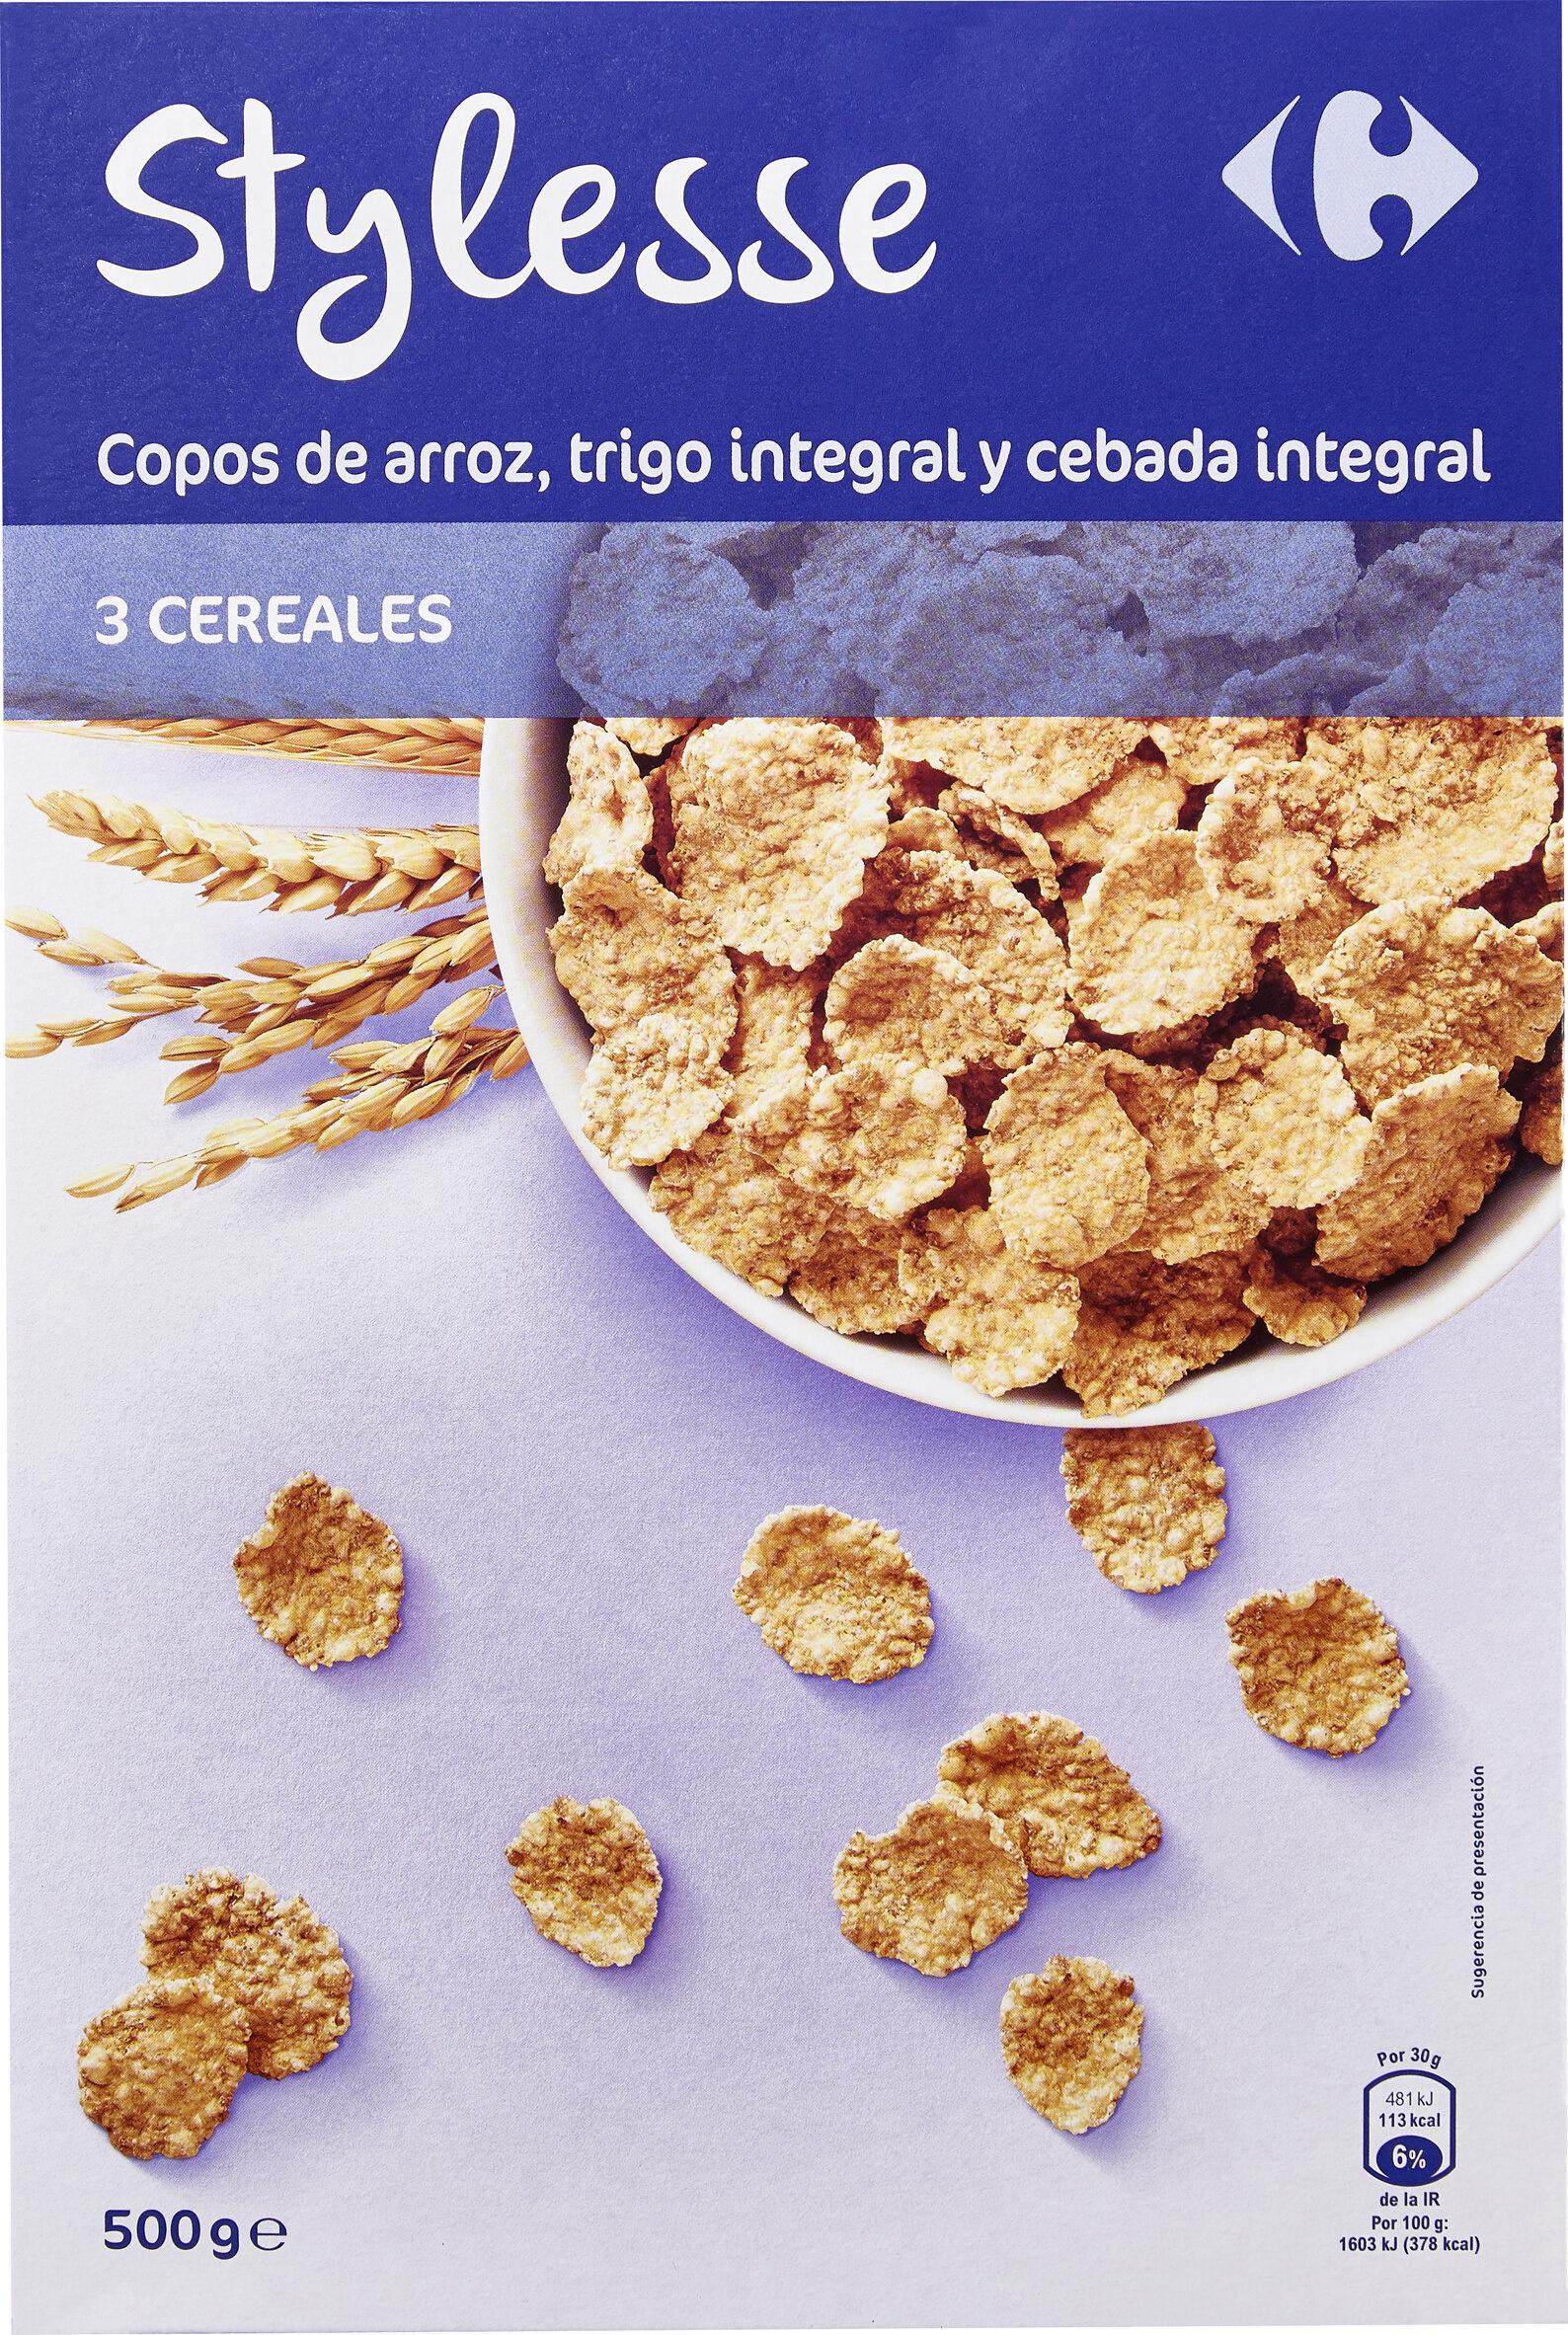 Stylesse Copos de arroz, trigo integral y cebada integral - Producto - es